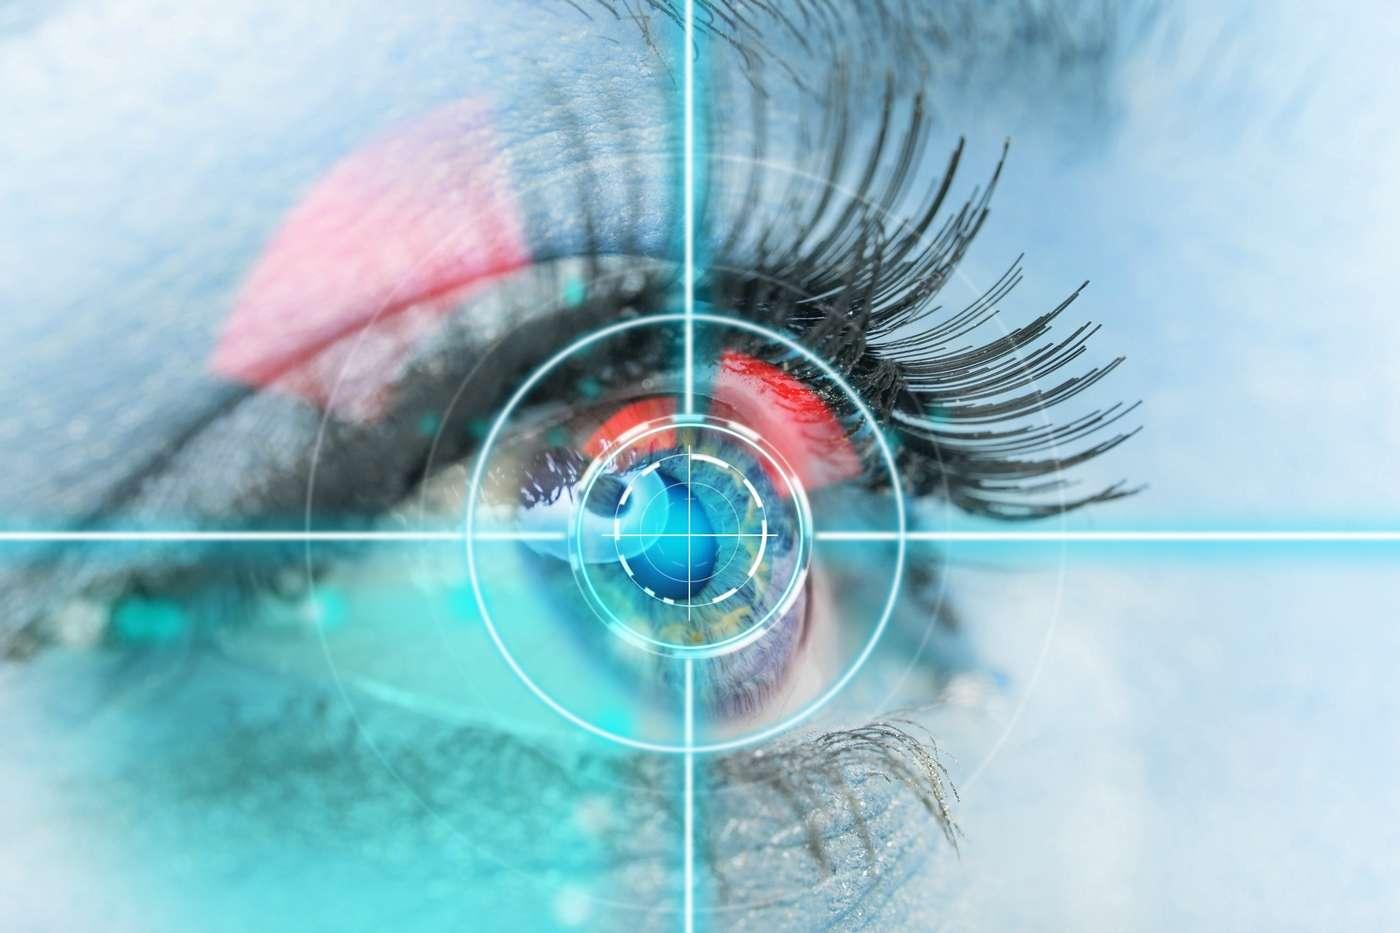 Les lentilles de contact font l'objet de nombreux travaux de recherche qui visent à y intégrer des capteurs médicaux ou des systèmes d'affichage. Beaucoup de progrès ont été accomplis en laboratoire mais aucun prototype fonctionnel n'a encore été testé sur l'Homme. © Lukas Gojda, Shutterstock